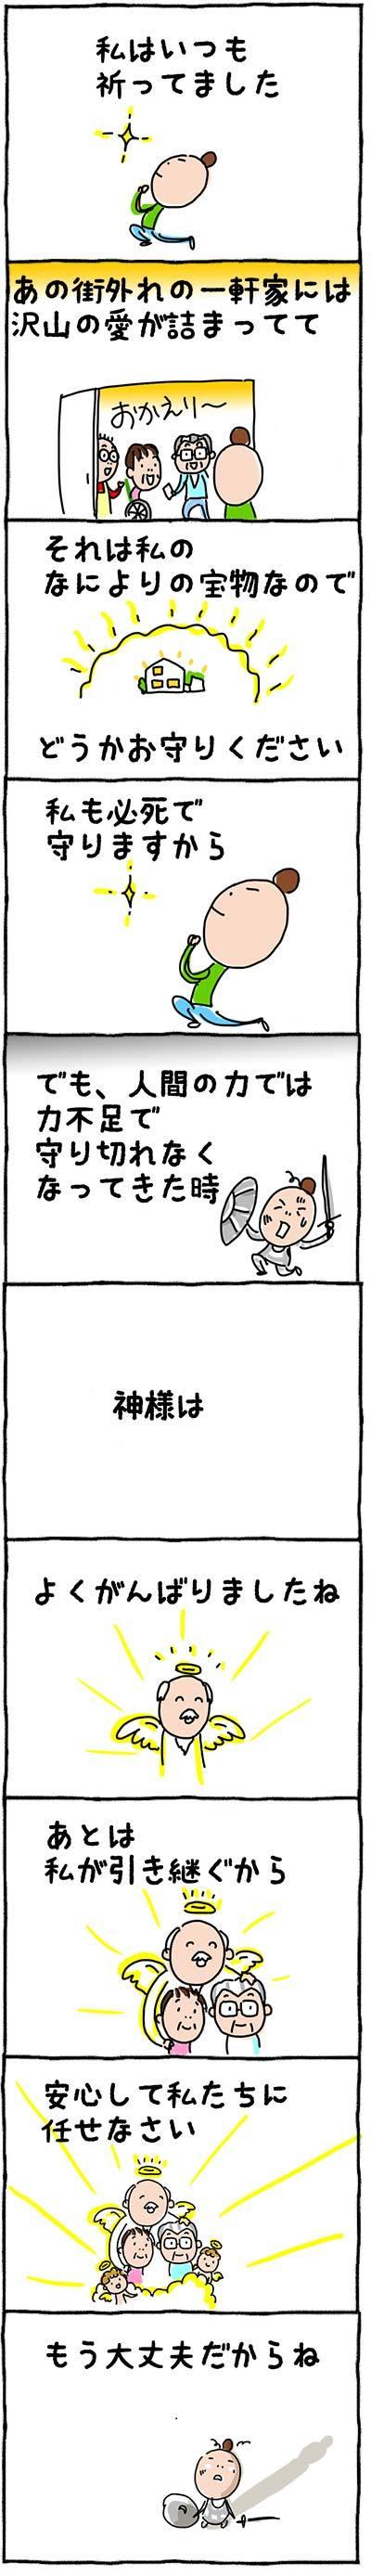 171105_02.jpg